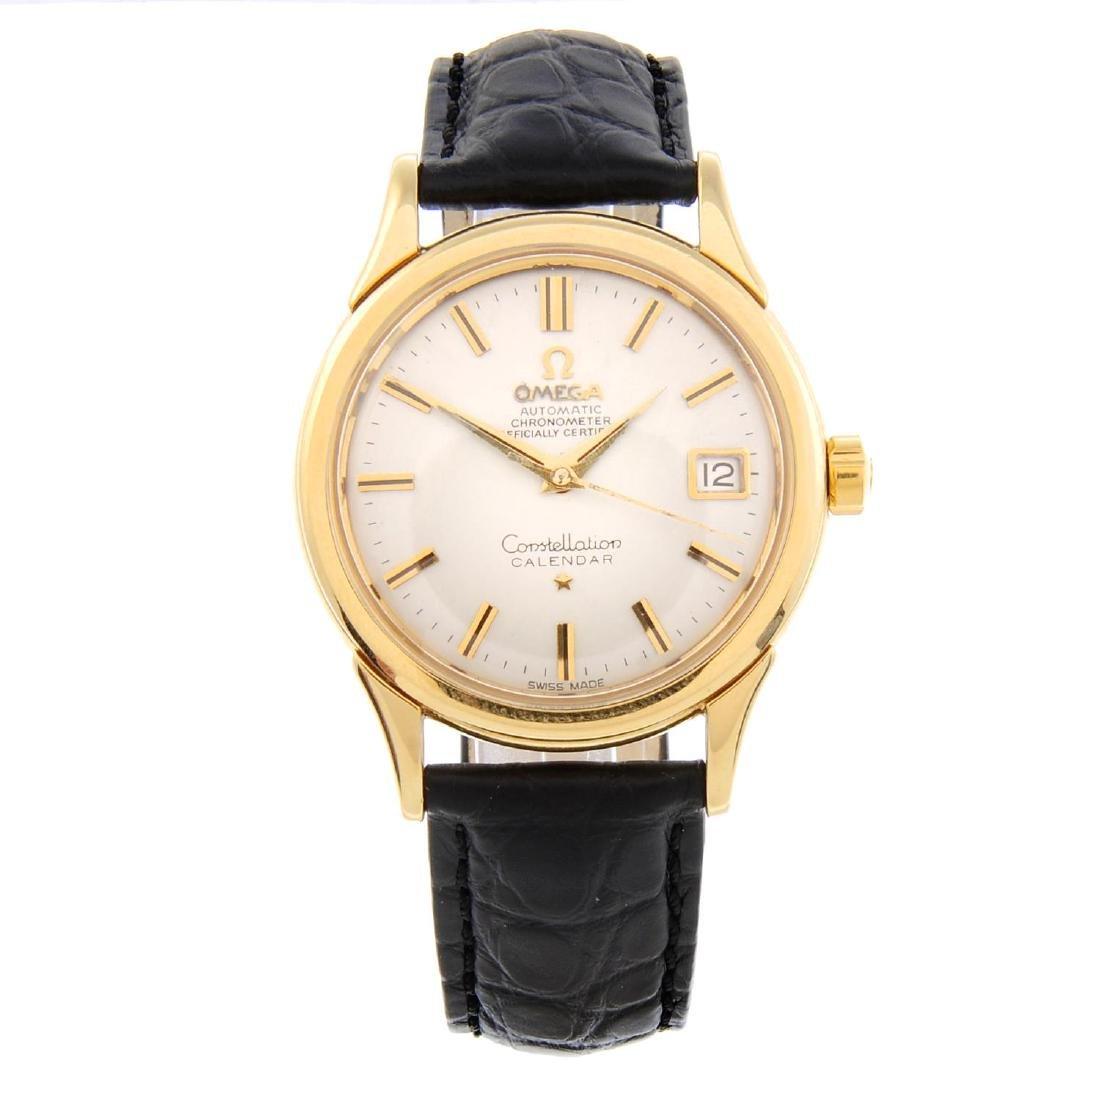 OMEGA - a gentleman's Constellation Calendar wrist